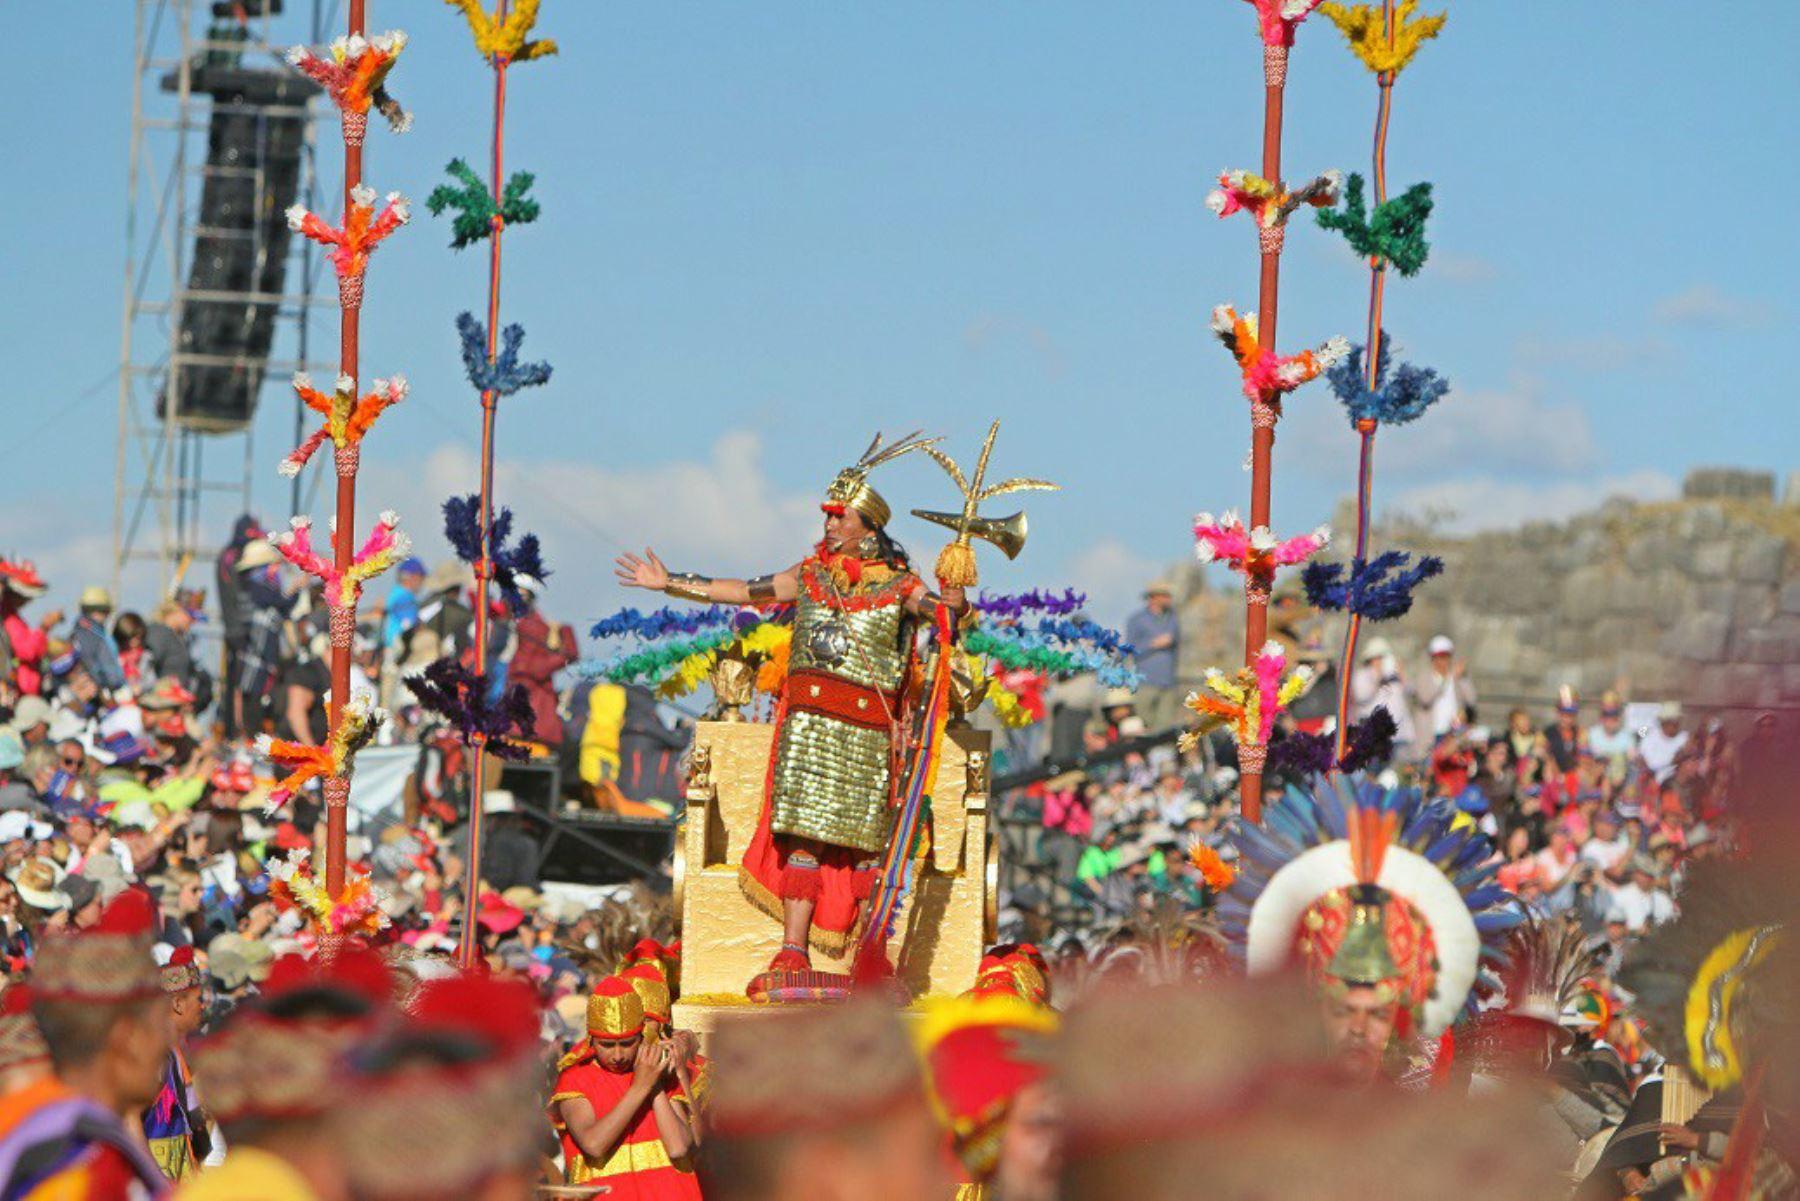 """La aplicación """"Fiestas del Cusco 2019"""" estará disponible desde el 9 de mayo y en ella se encontrará información en español e inglés sobre todas las actividades programadas para el mes jubilar de la Ciudad Imperial, entre ellas el Inti Raymi."""